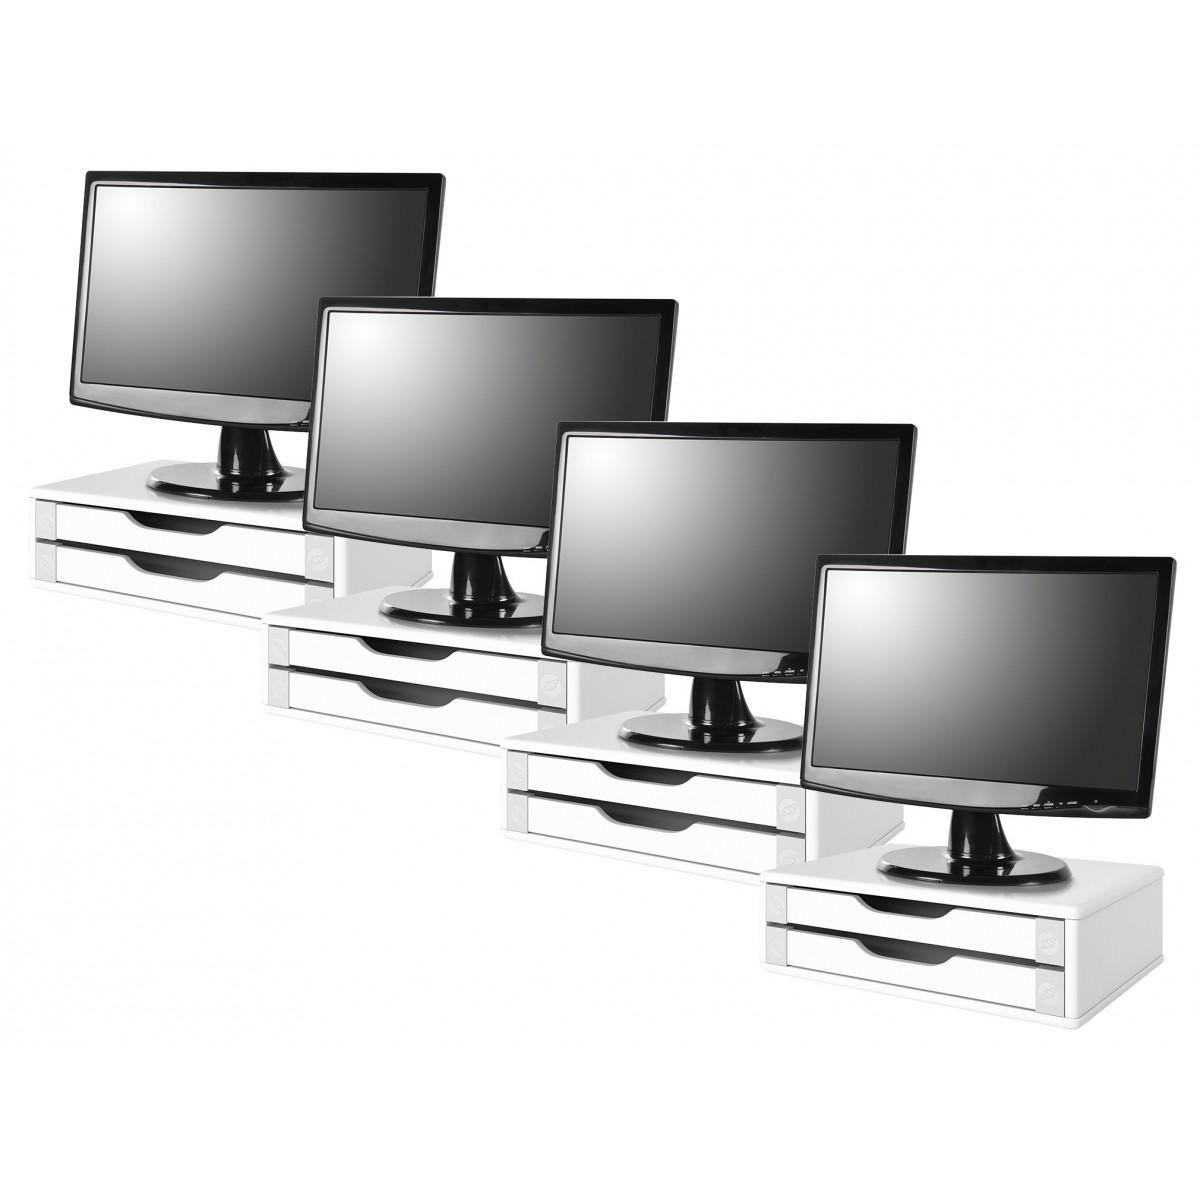 Conj com 4 Suportes Para Monitor em MDF Branco com 2 Gavetas Brancas Souza Referência 3340